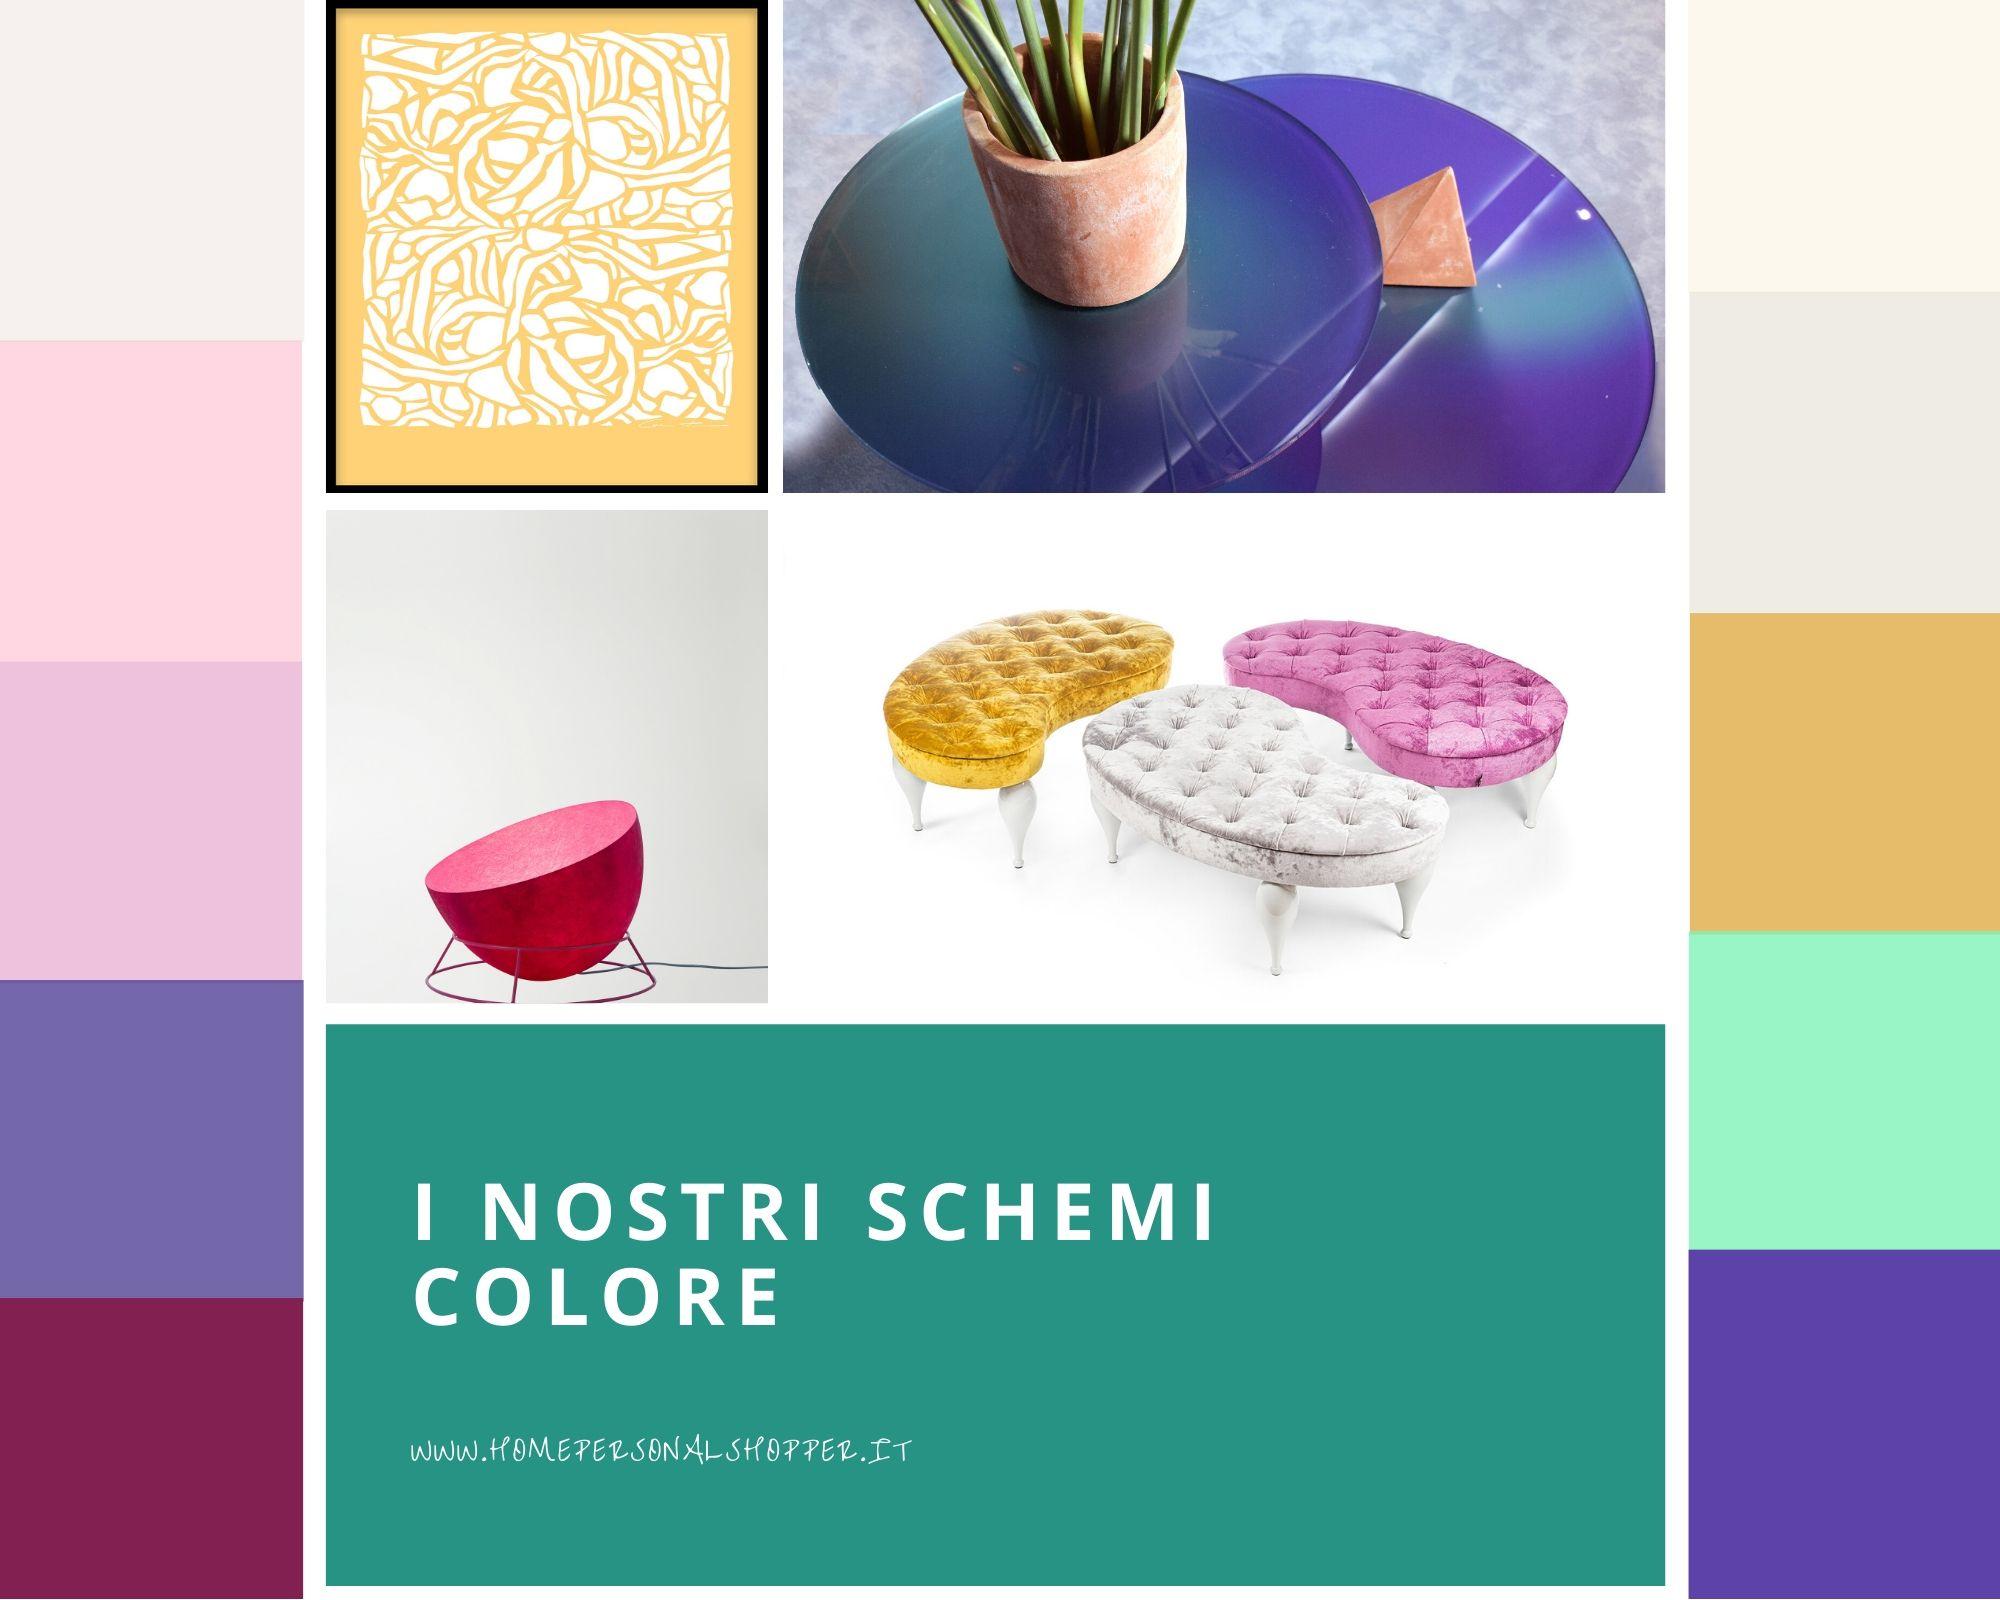 abbinamento colori per arredamento casa con questi schemi colore